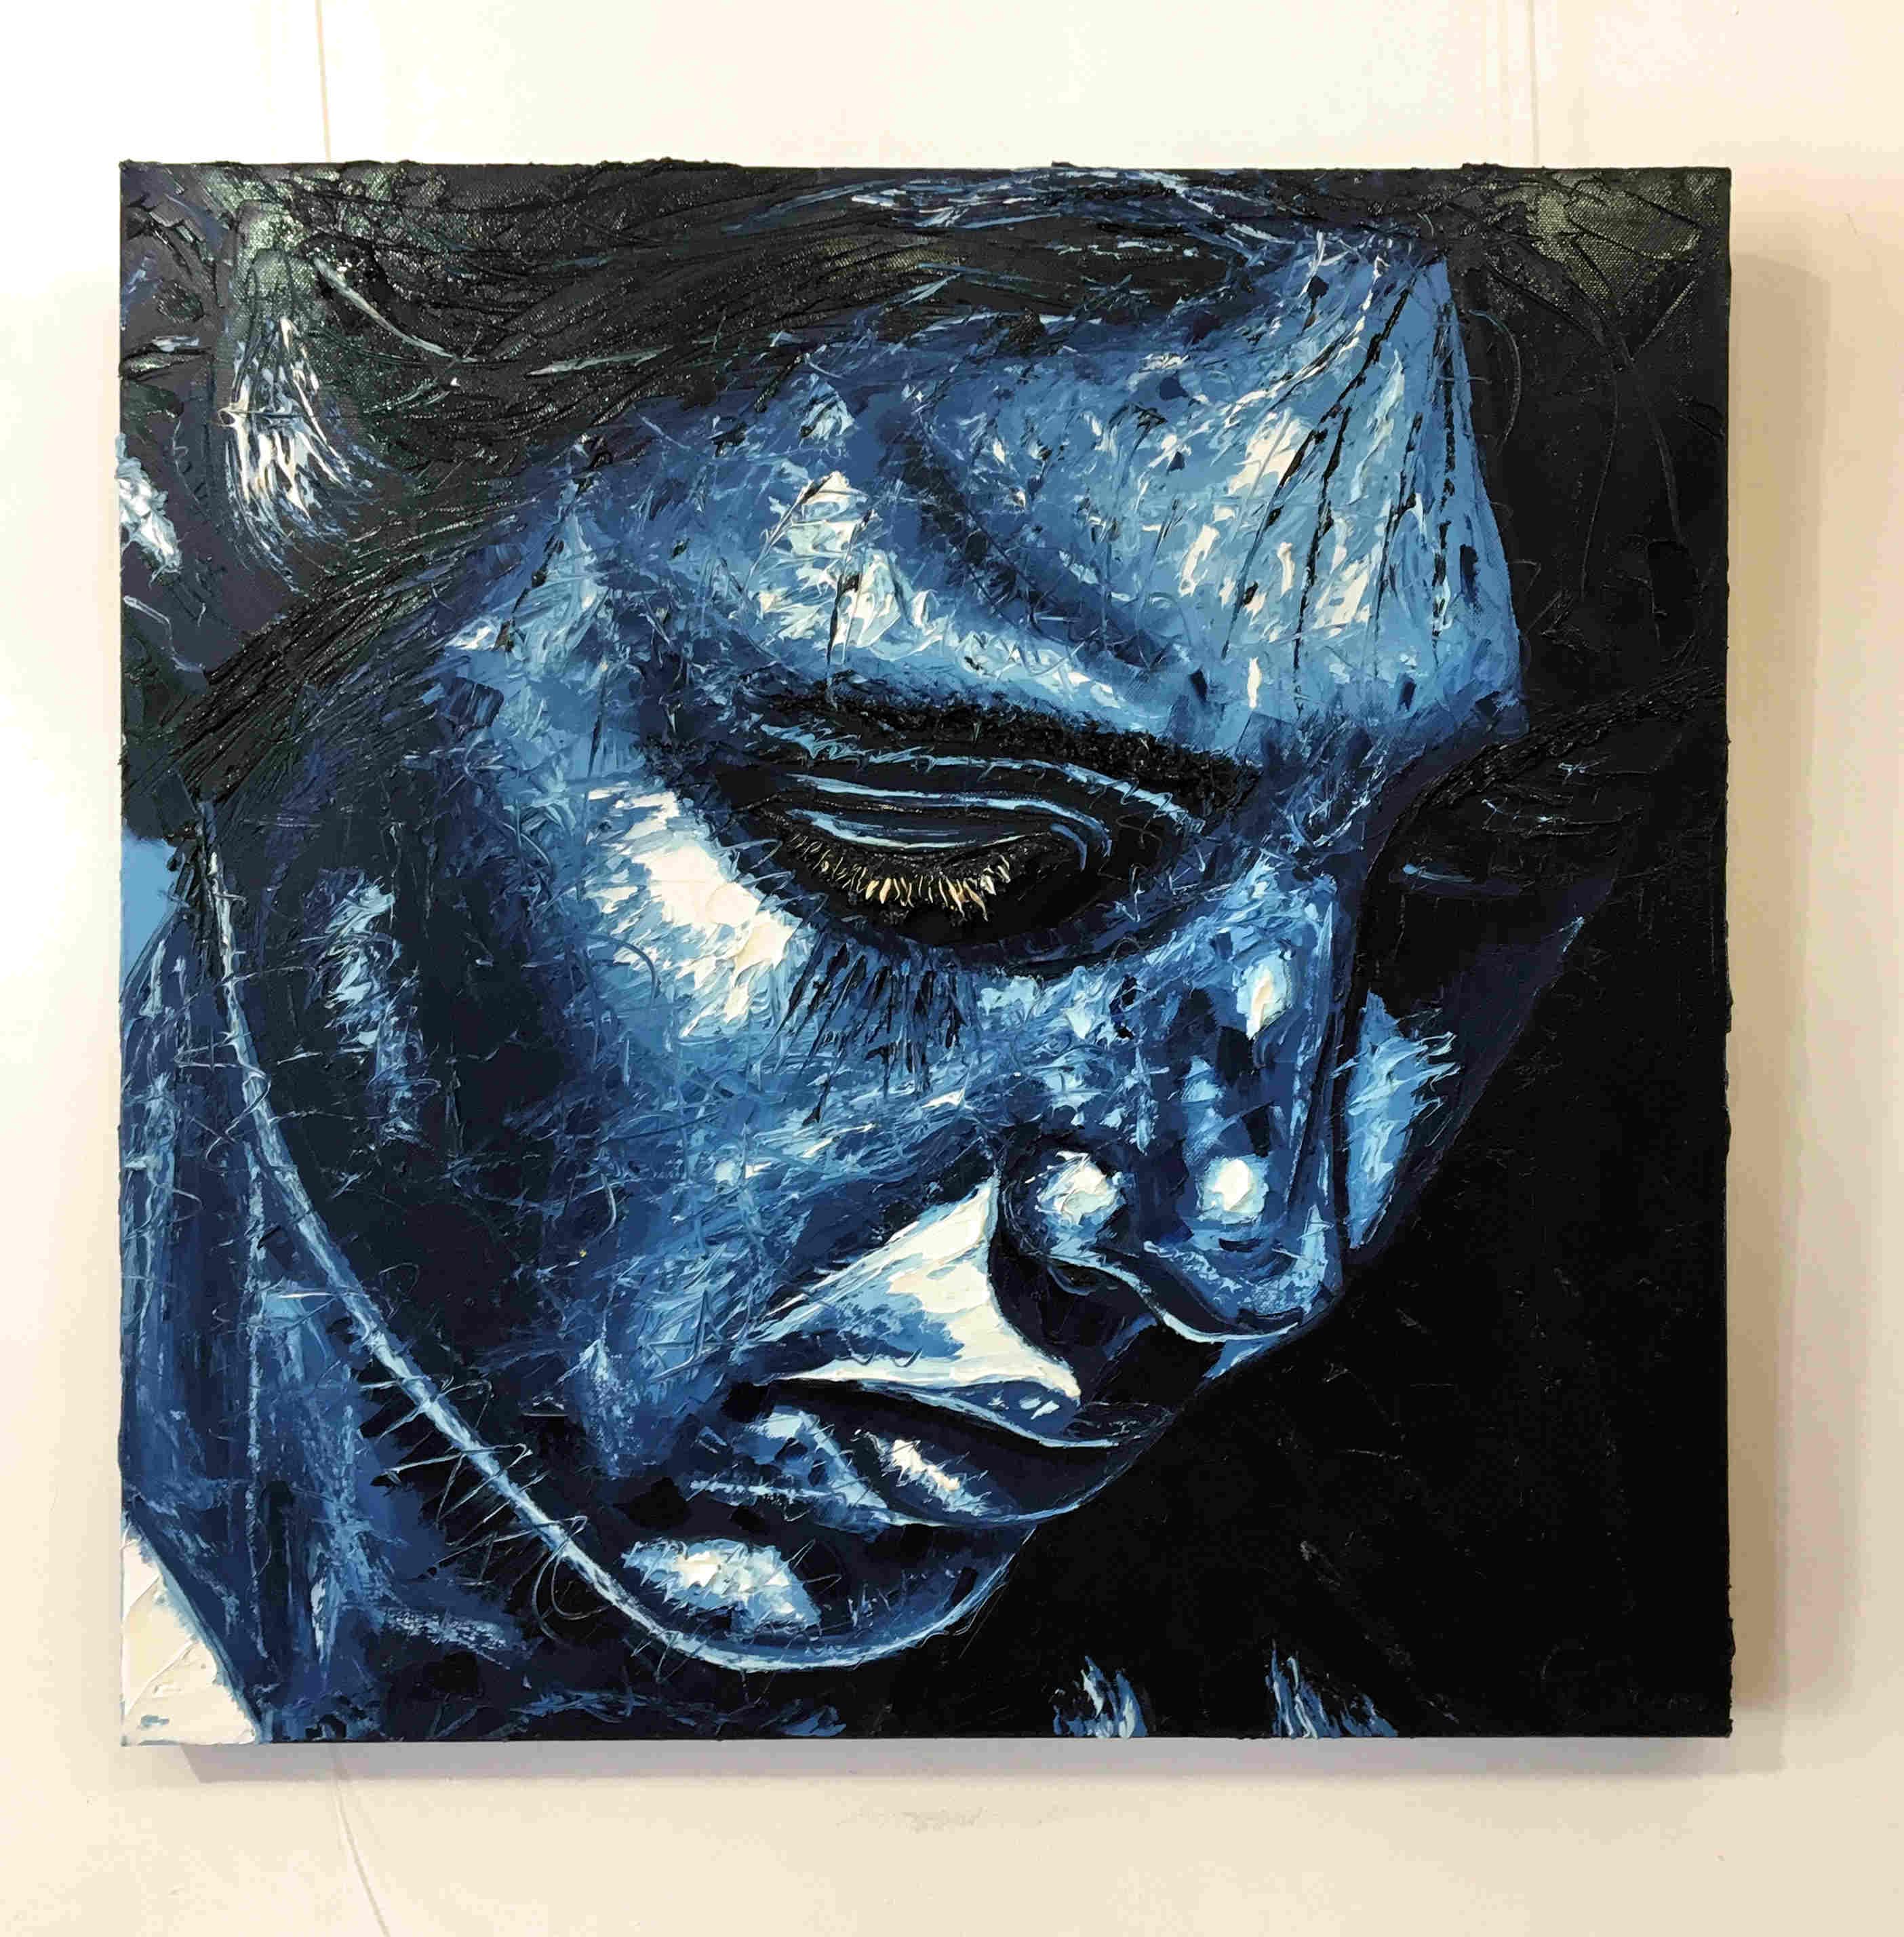 'Claire III' by artist Graeme Sharp